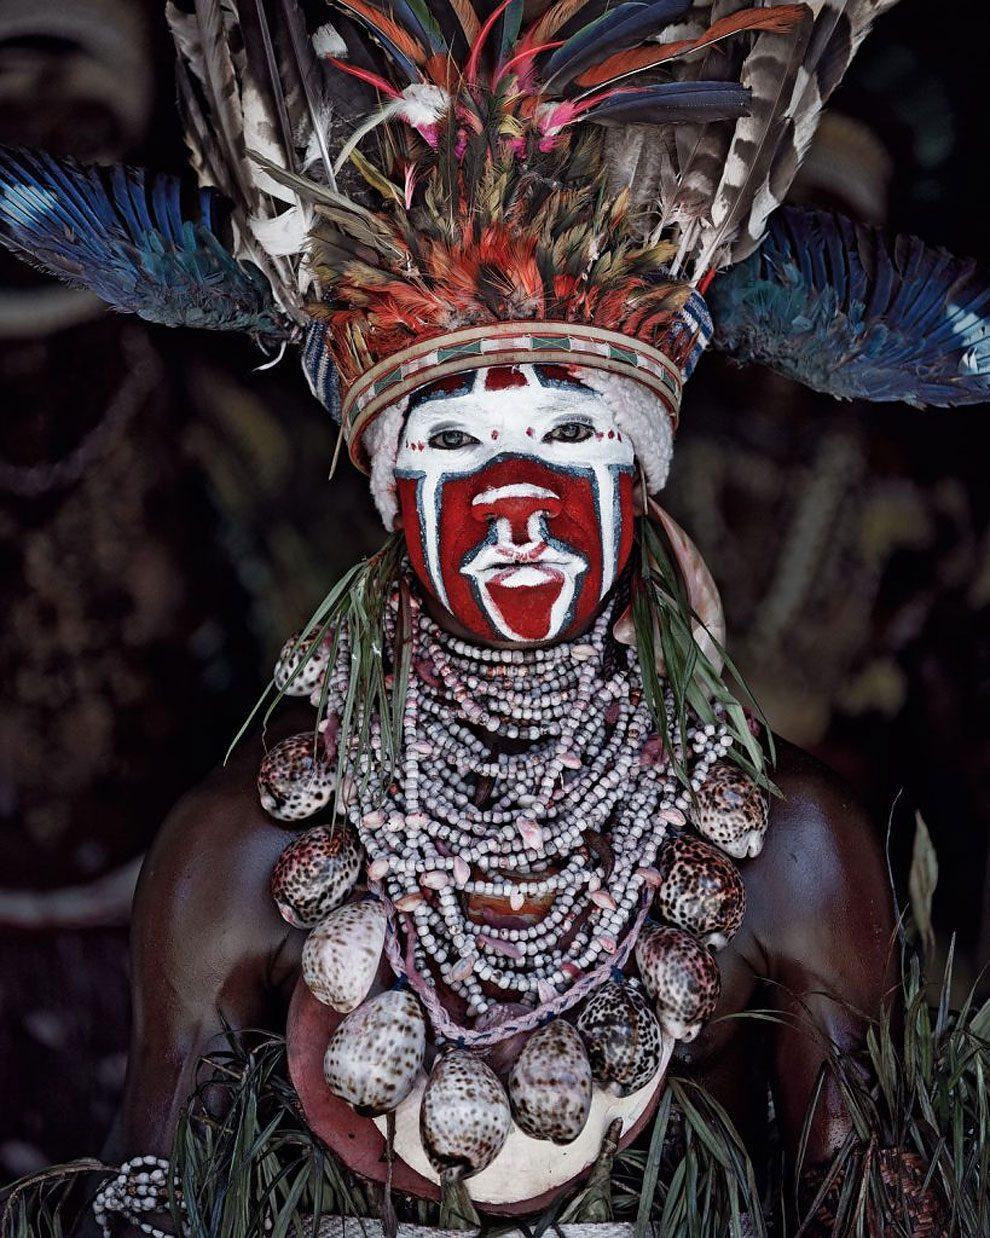 tribu-indigeni-mondo-fotografia-before-they-pass-away-jimmy-nelson-33